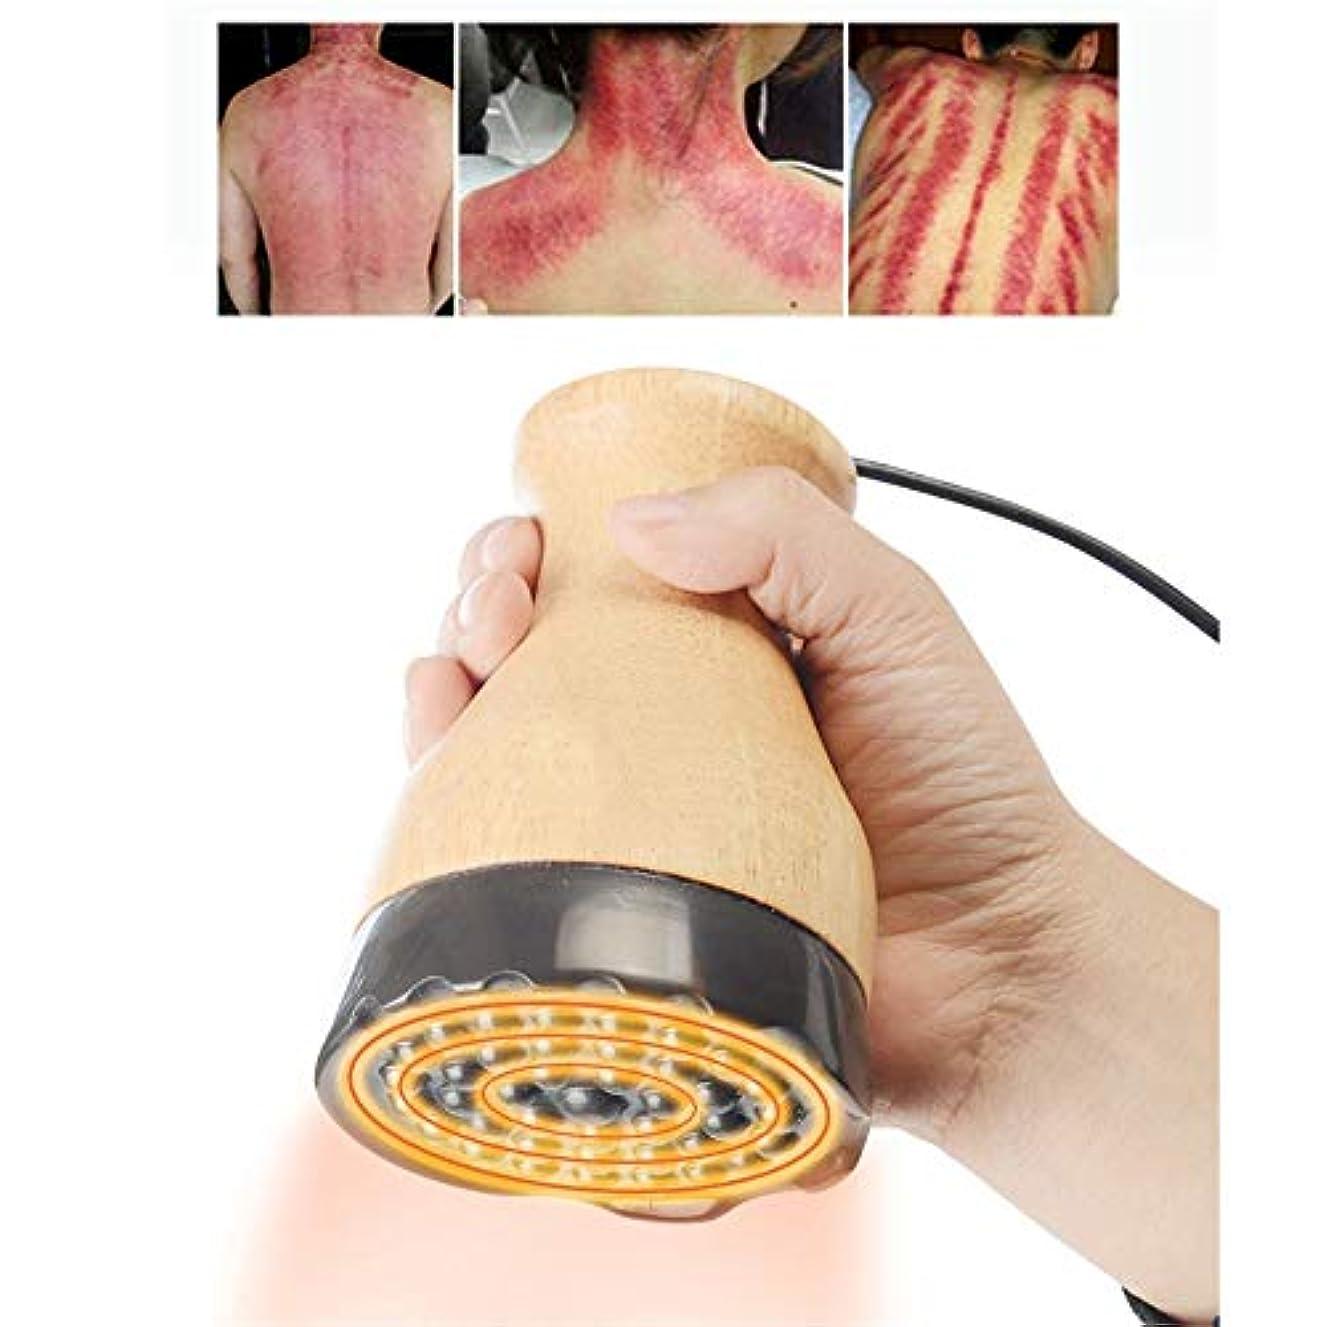 うなずく柔らかい広範囲ボディ解毒、痛みや減量脂肪バーナーのための1つのホットスクレイピングカッピングセラピー電気マッサージ器内の負圧マッサージ、3